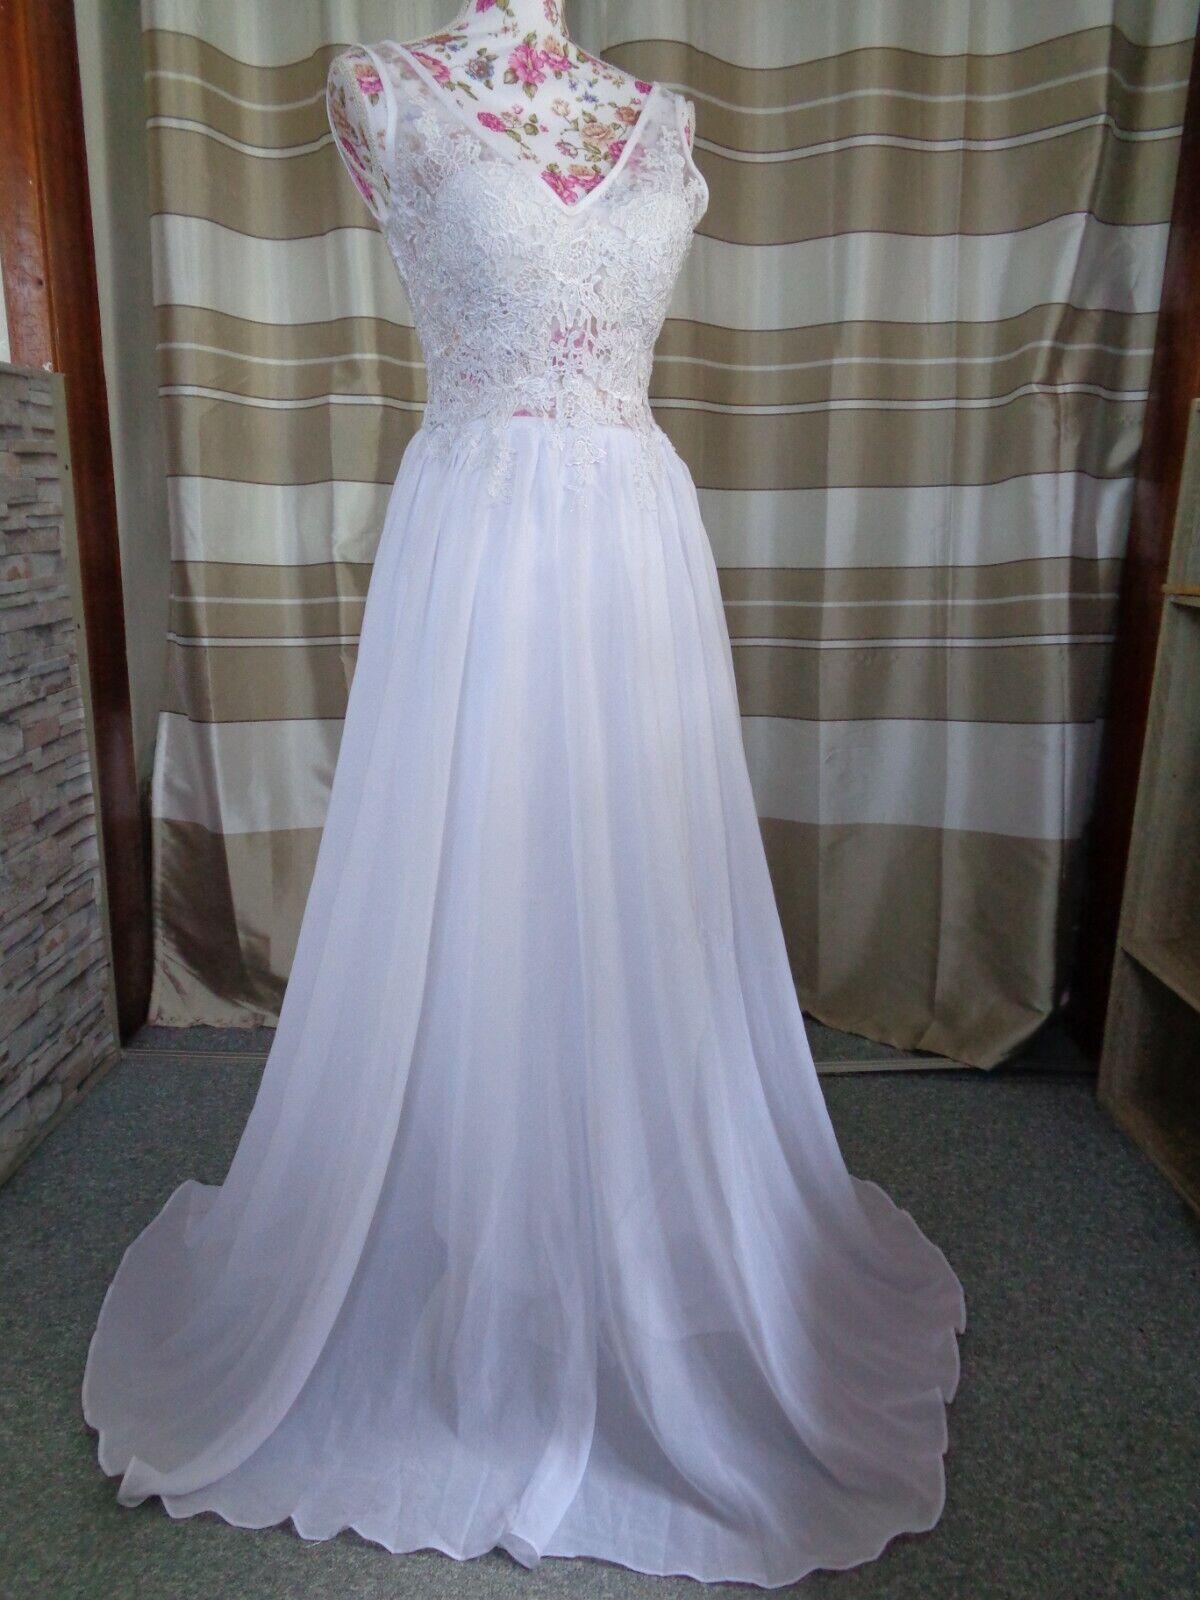 (91)Edles Damen Braut Standesamt Abend Kleid GR: 38